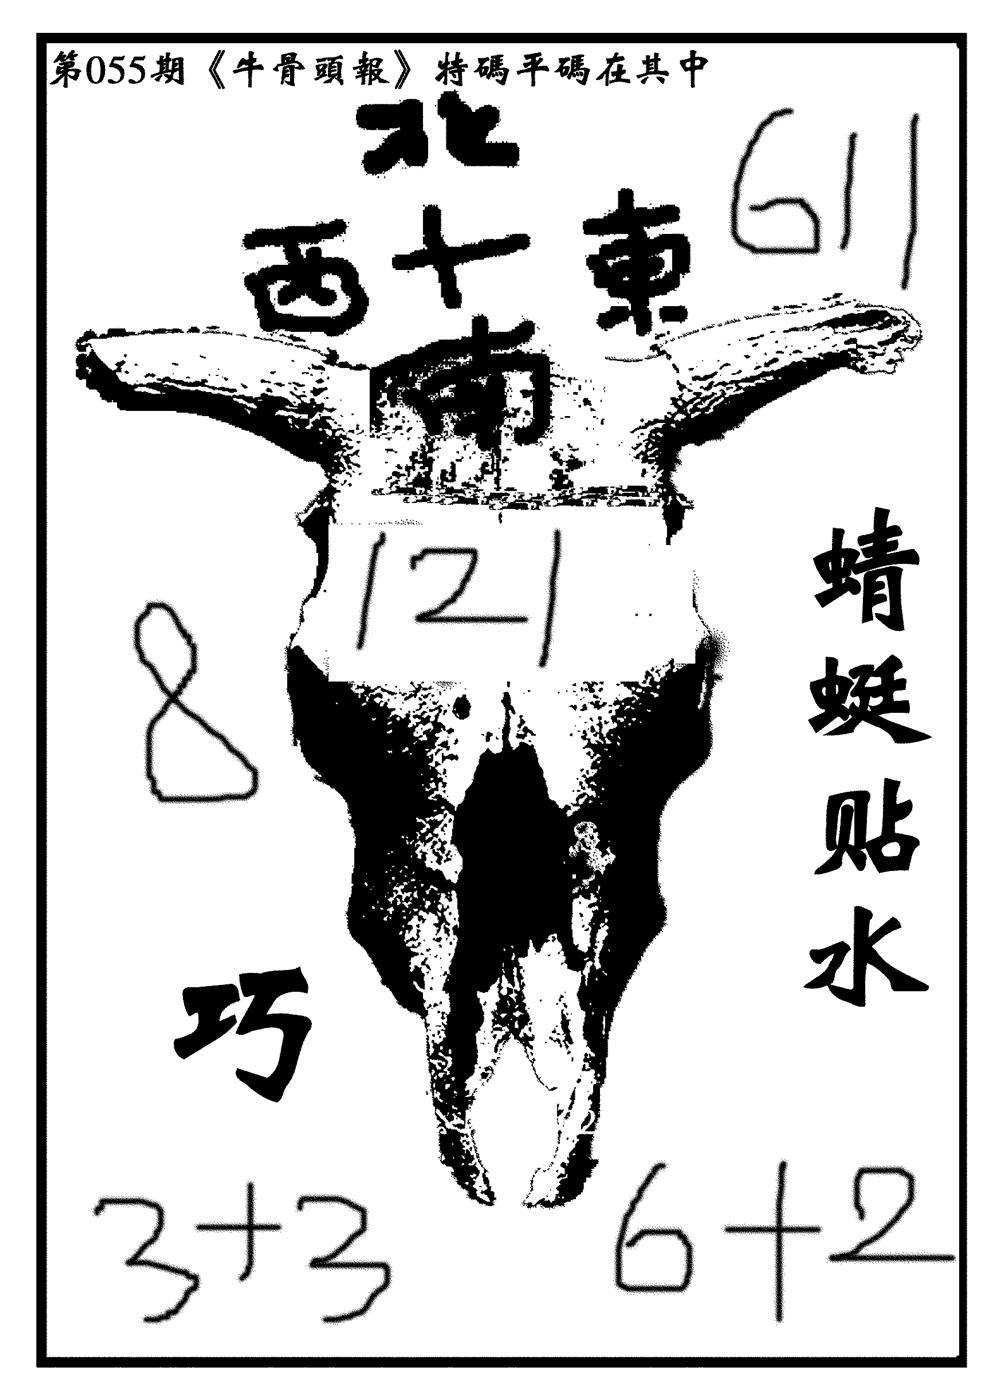 055期牛头报(黑白)